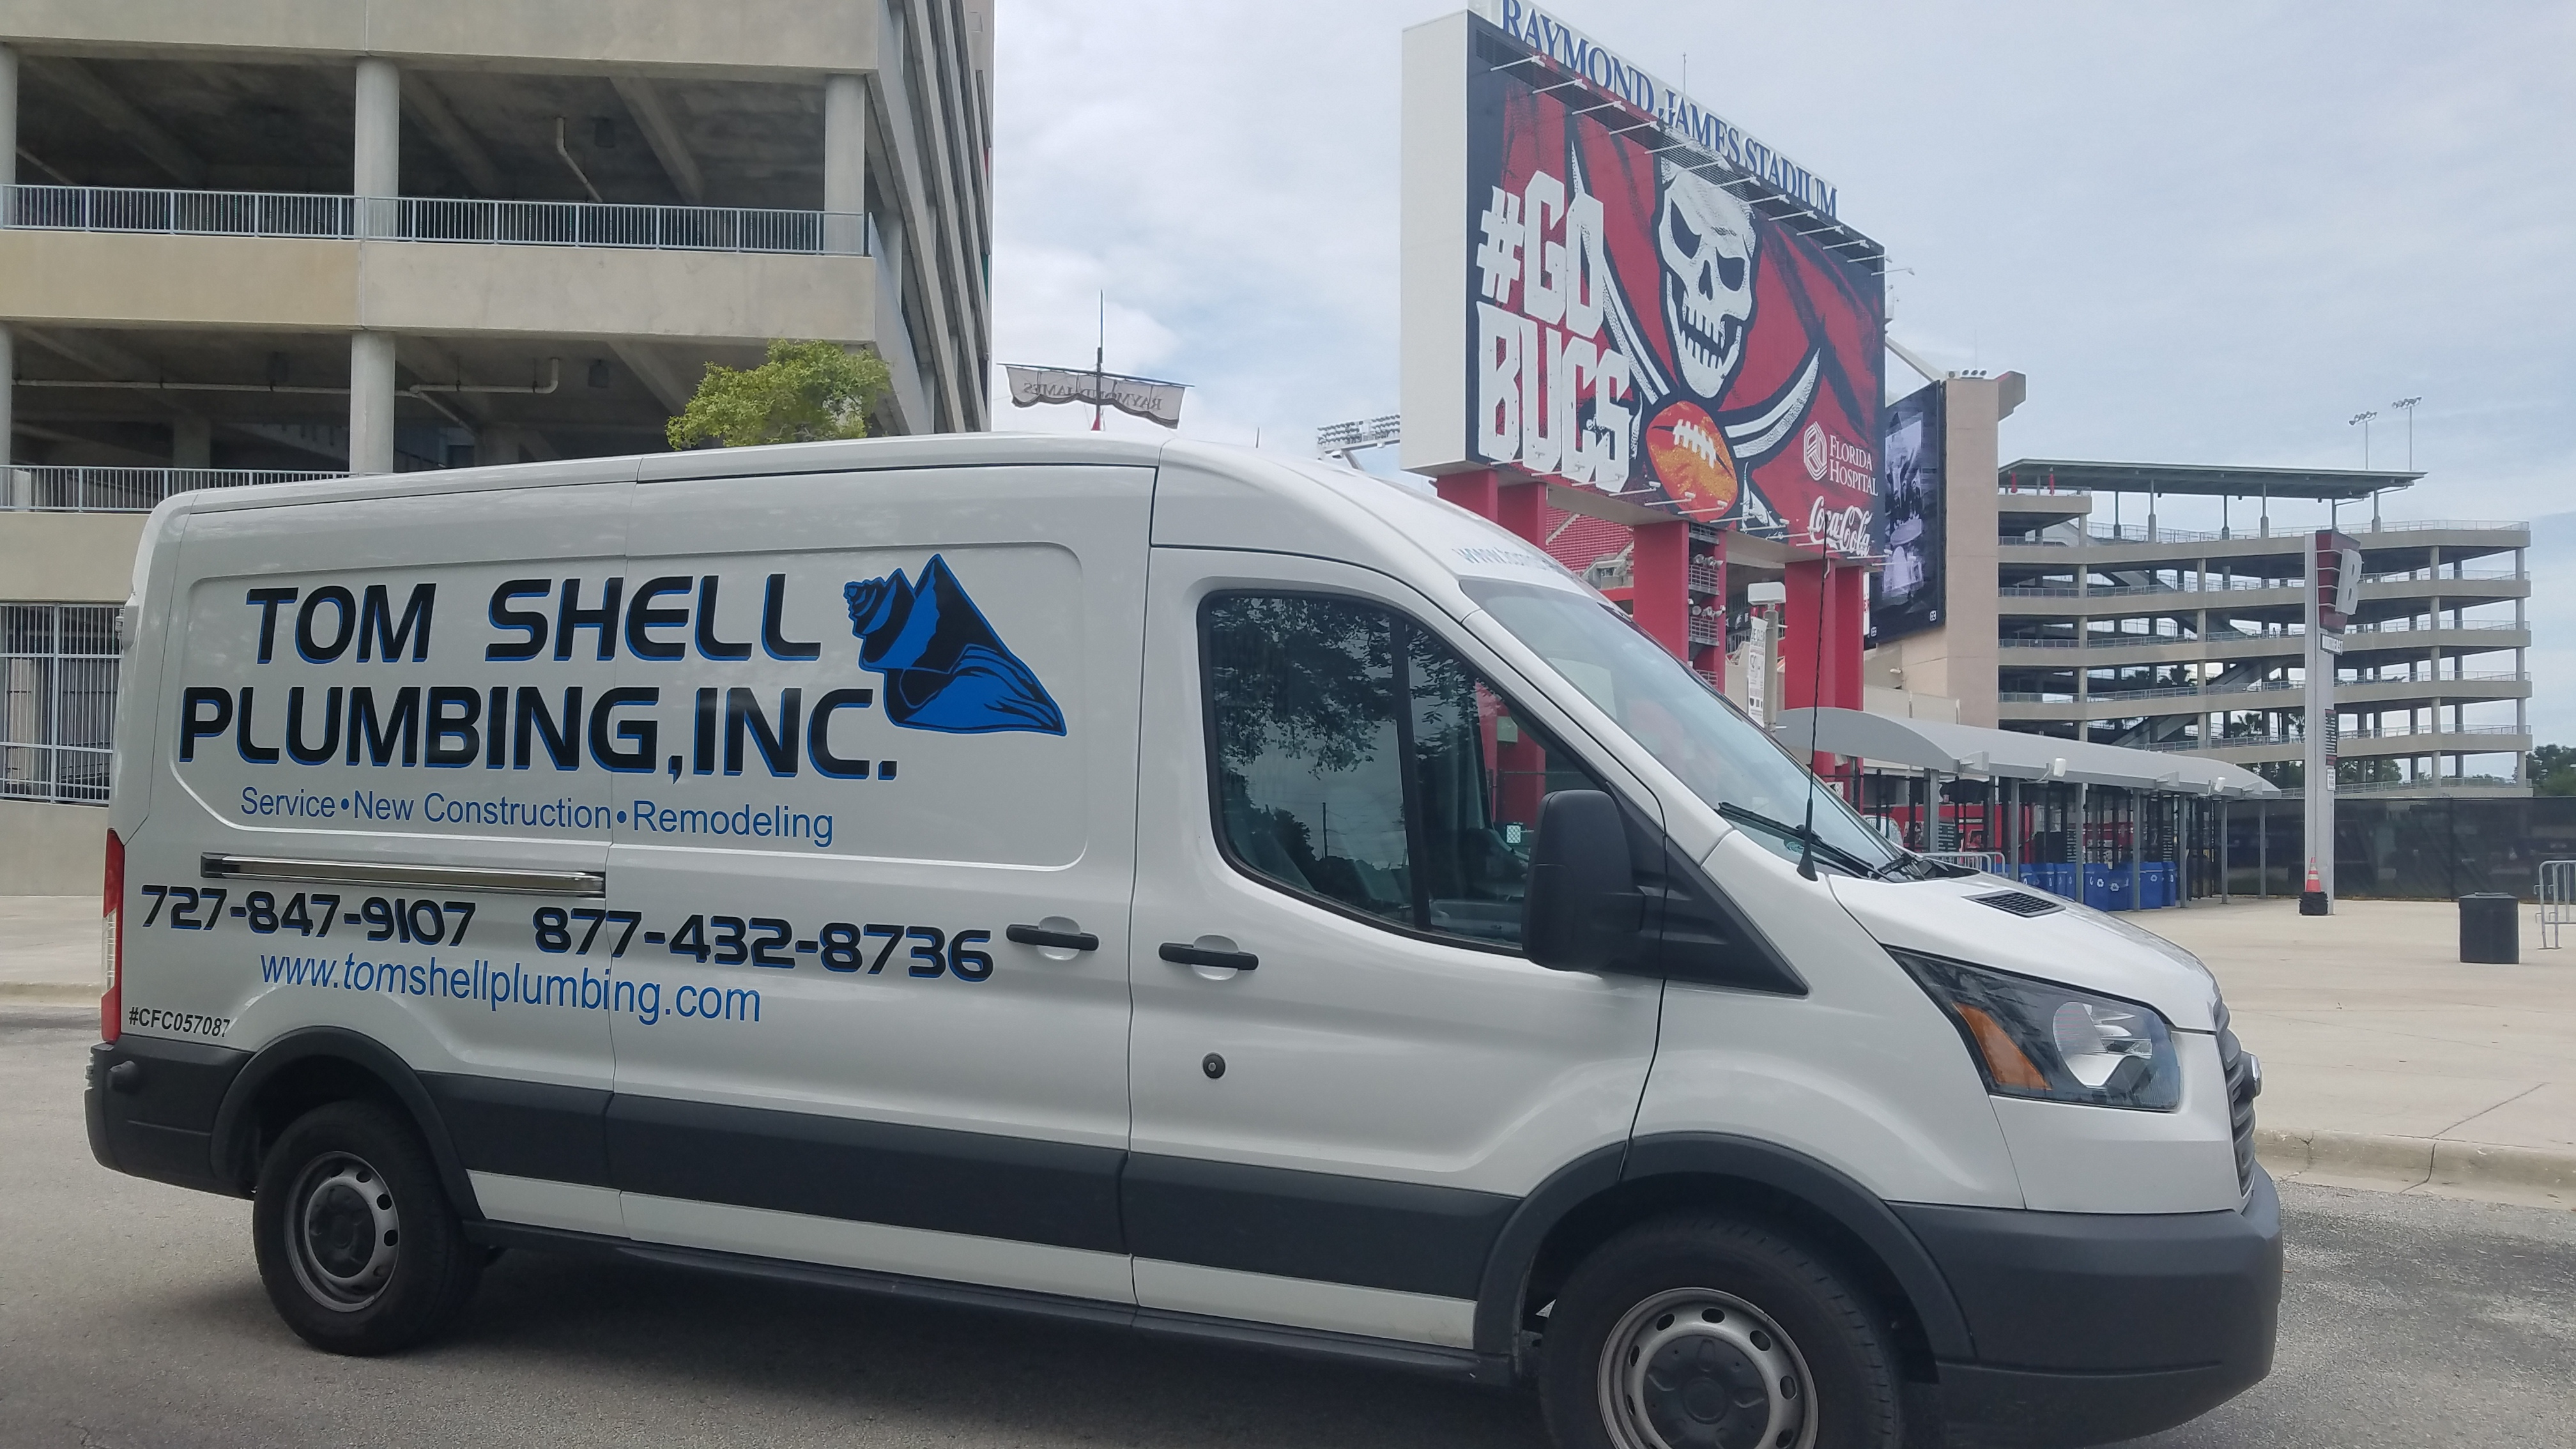 Tom Shell Plumbing Inc. Van